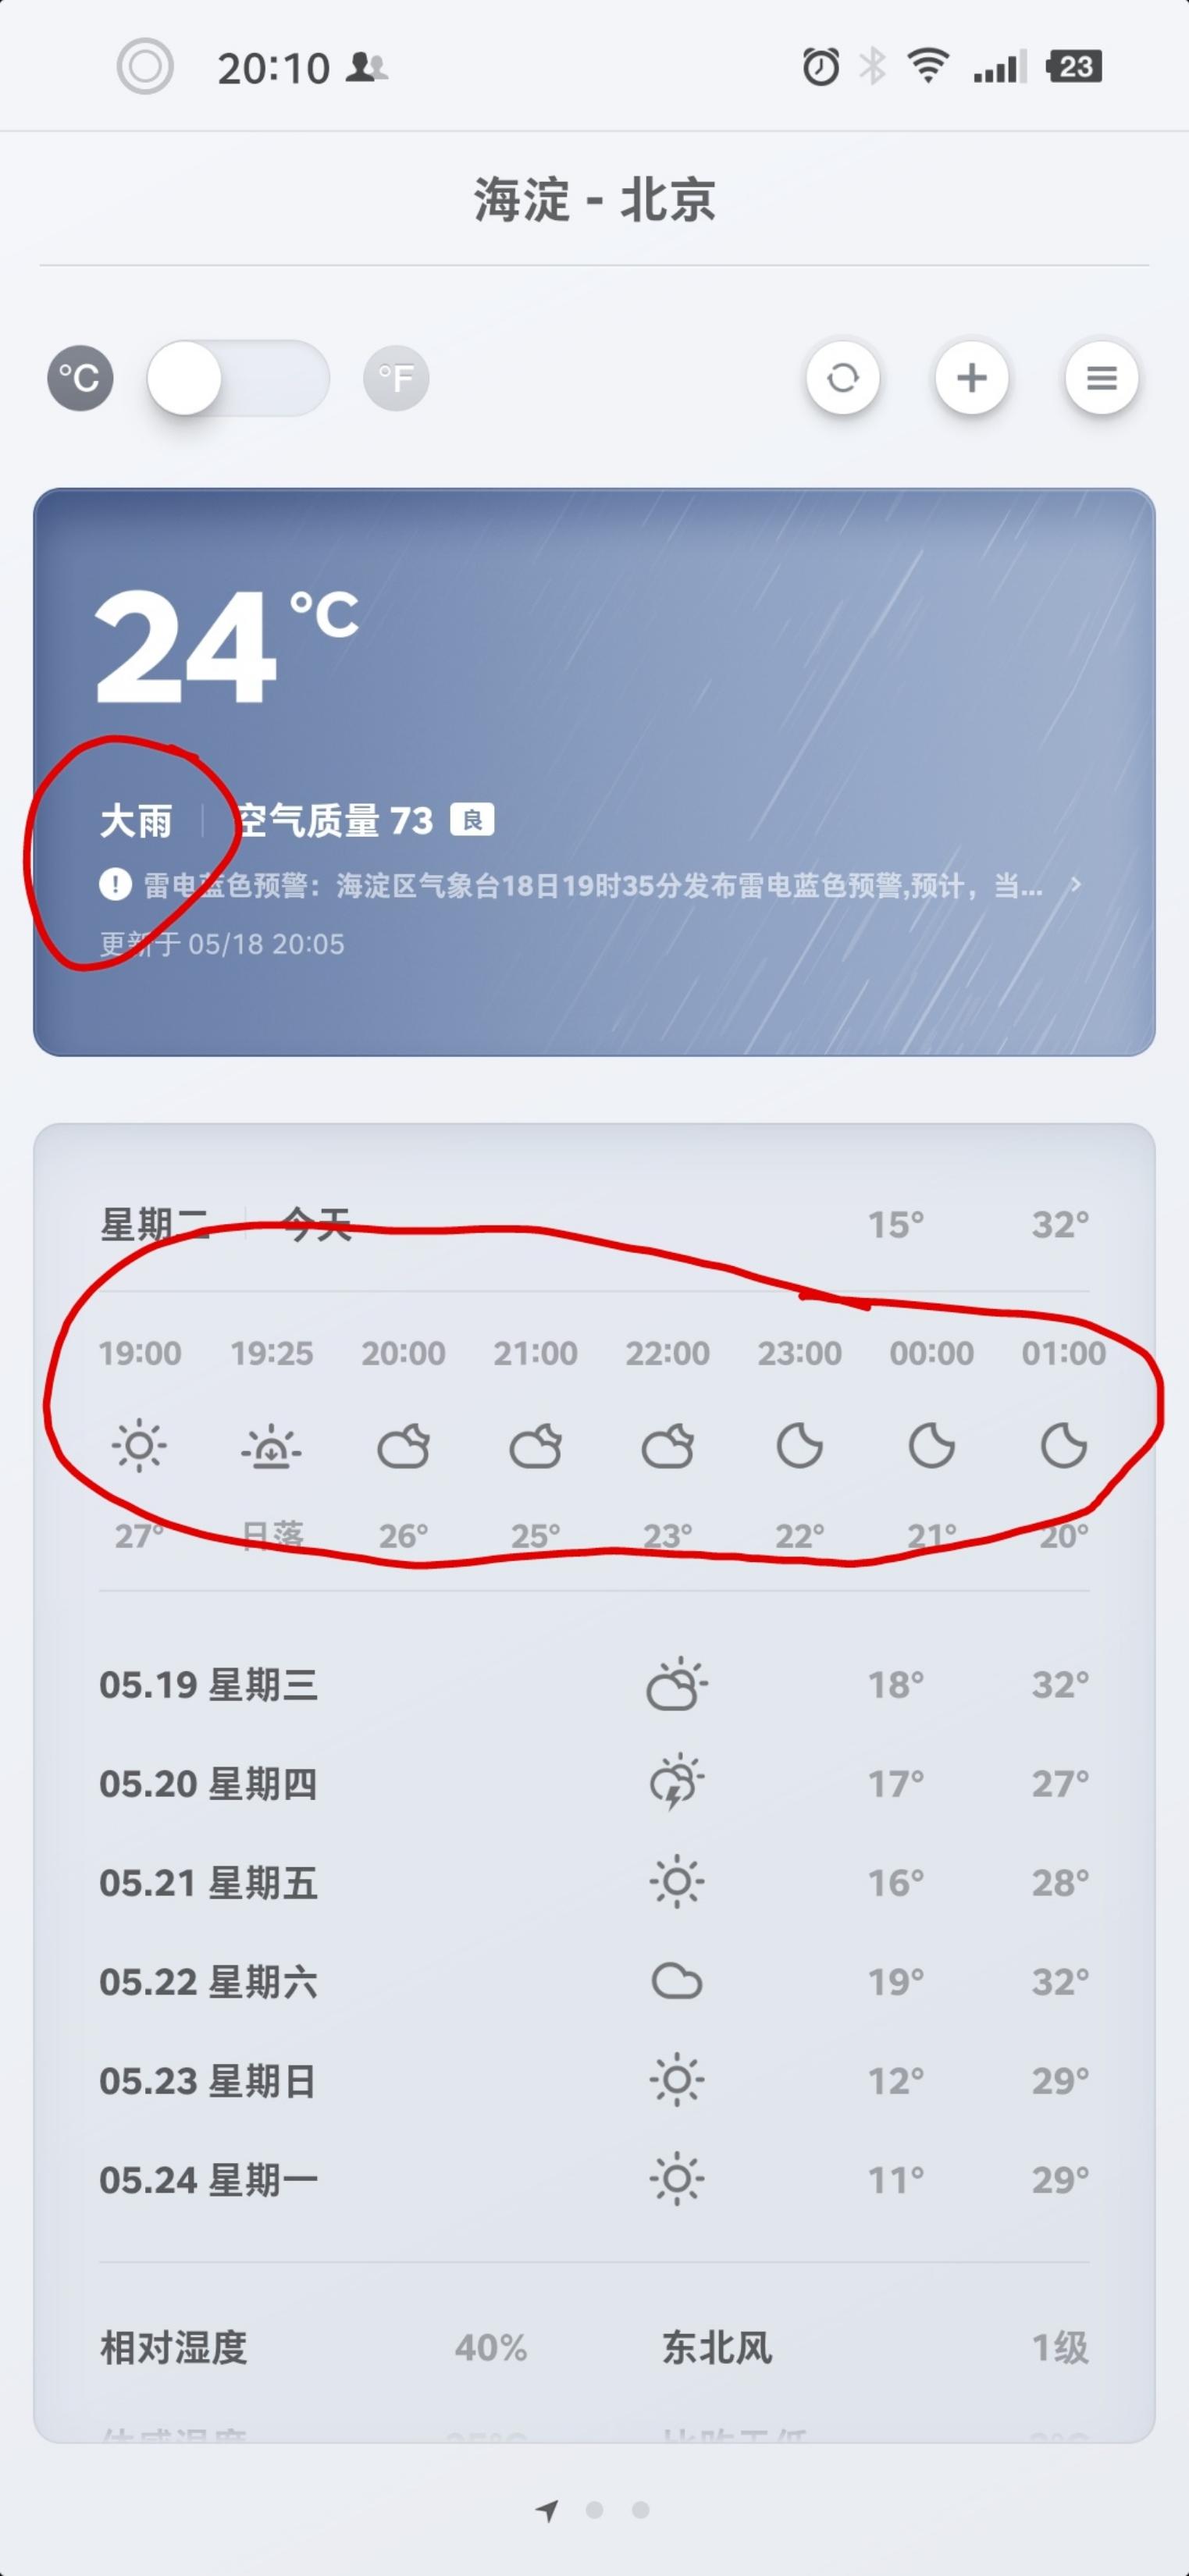 ??_Screenshot_2021-05-18-20-10-19-503_??.jpg